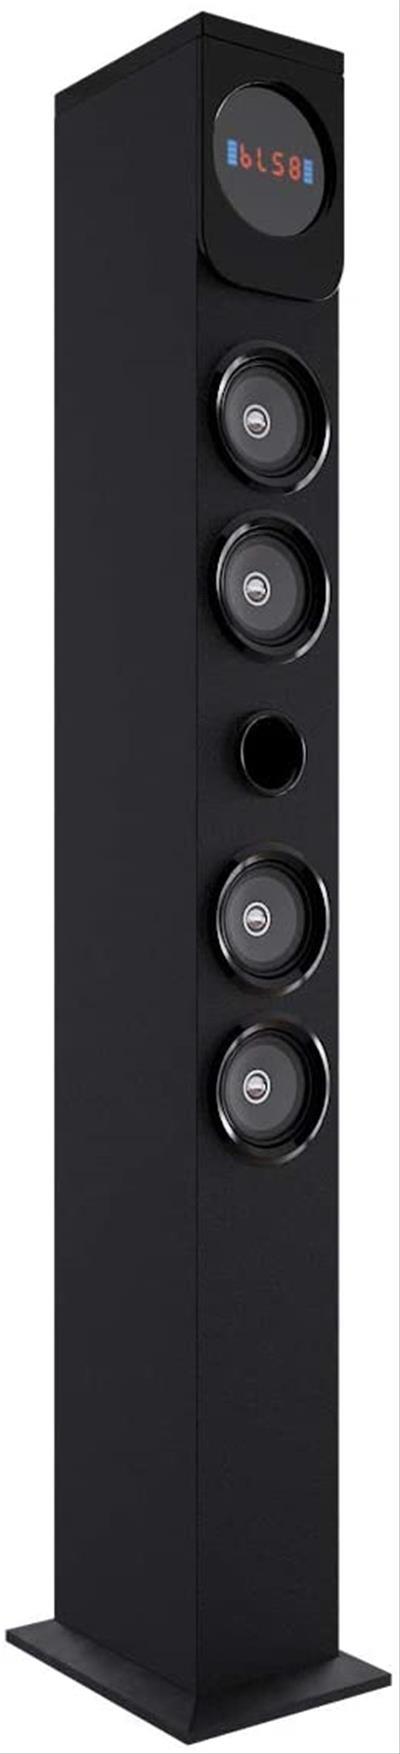 Torre de Sonido Primux TW03 Pro Bluetooth 60W Negra Outlet